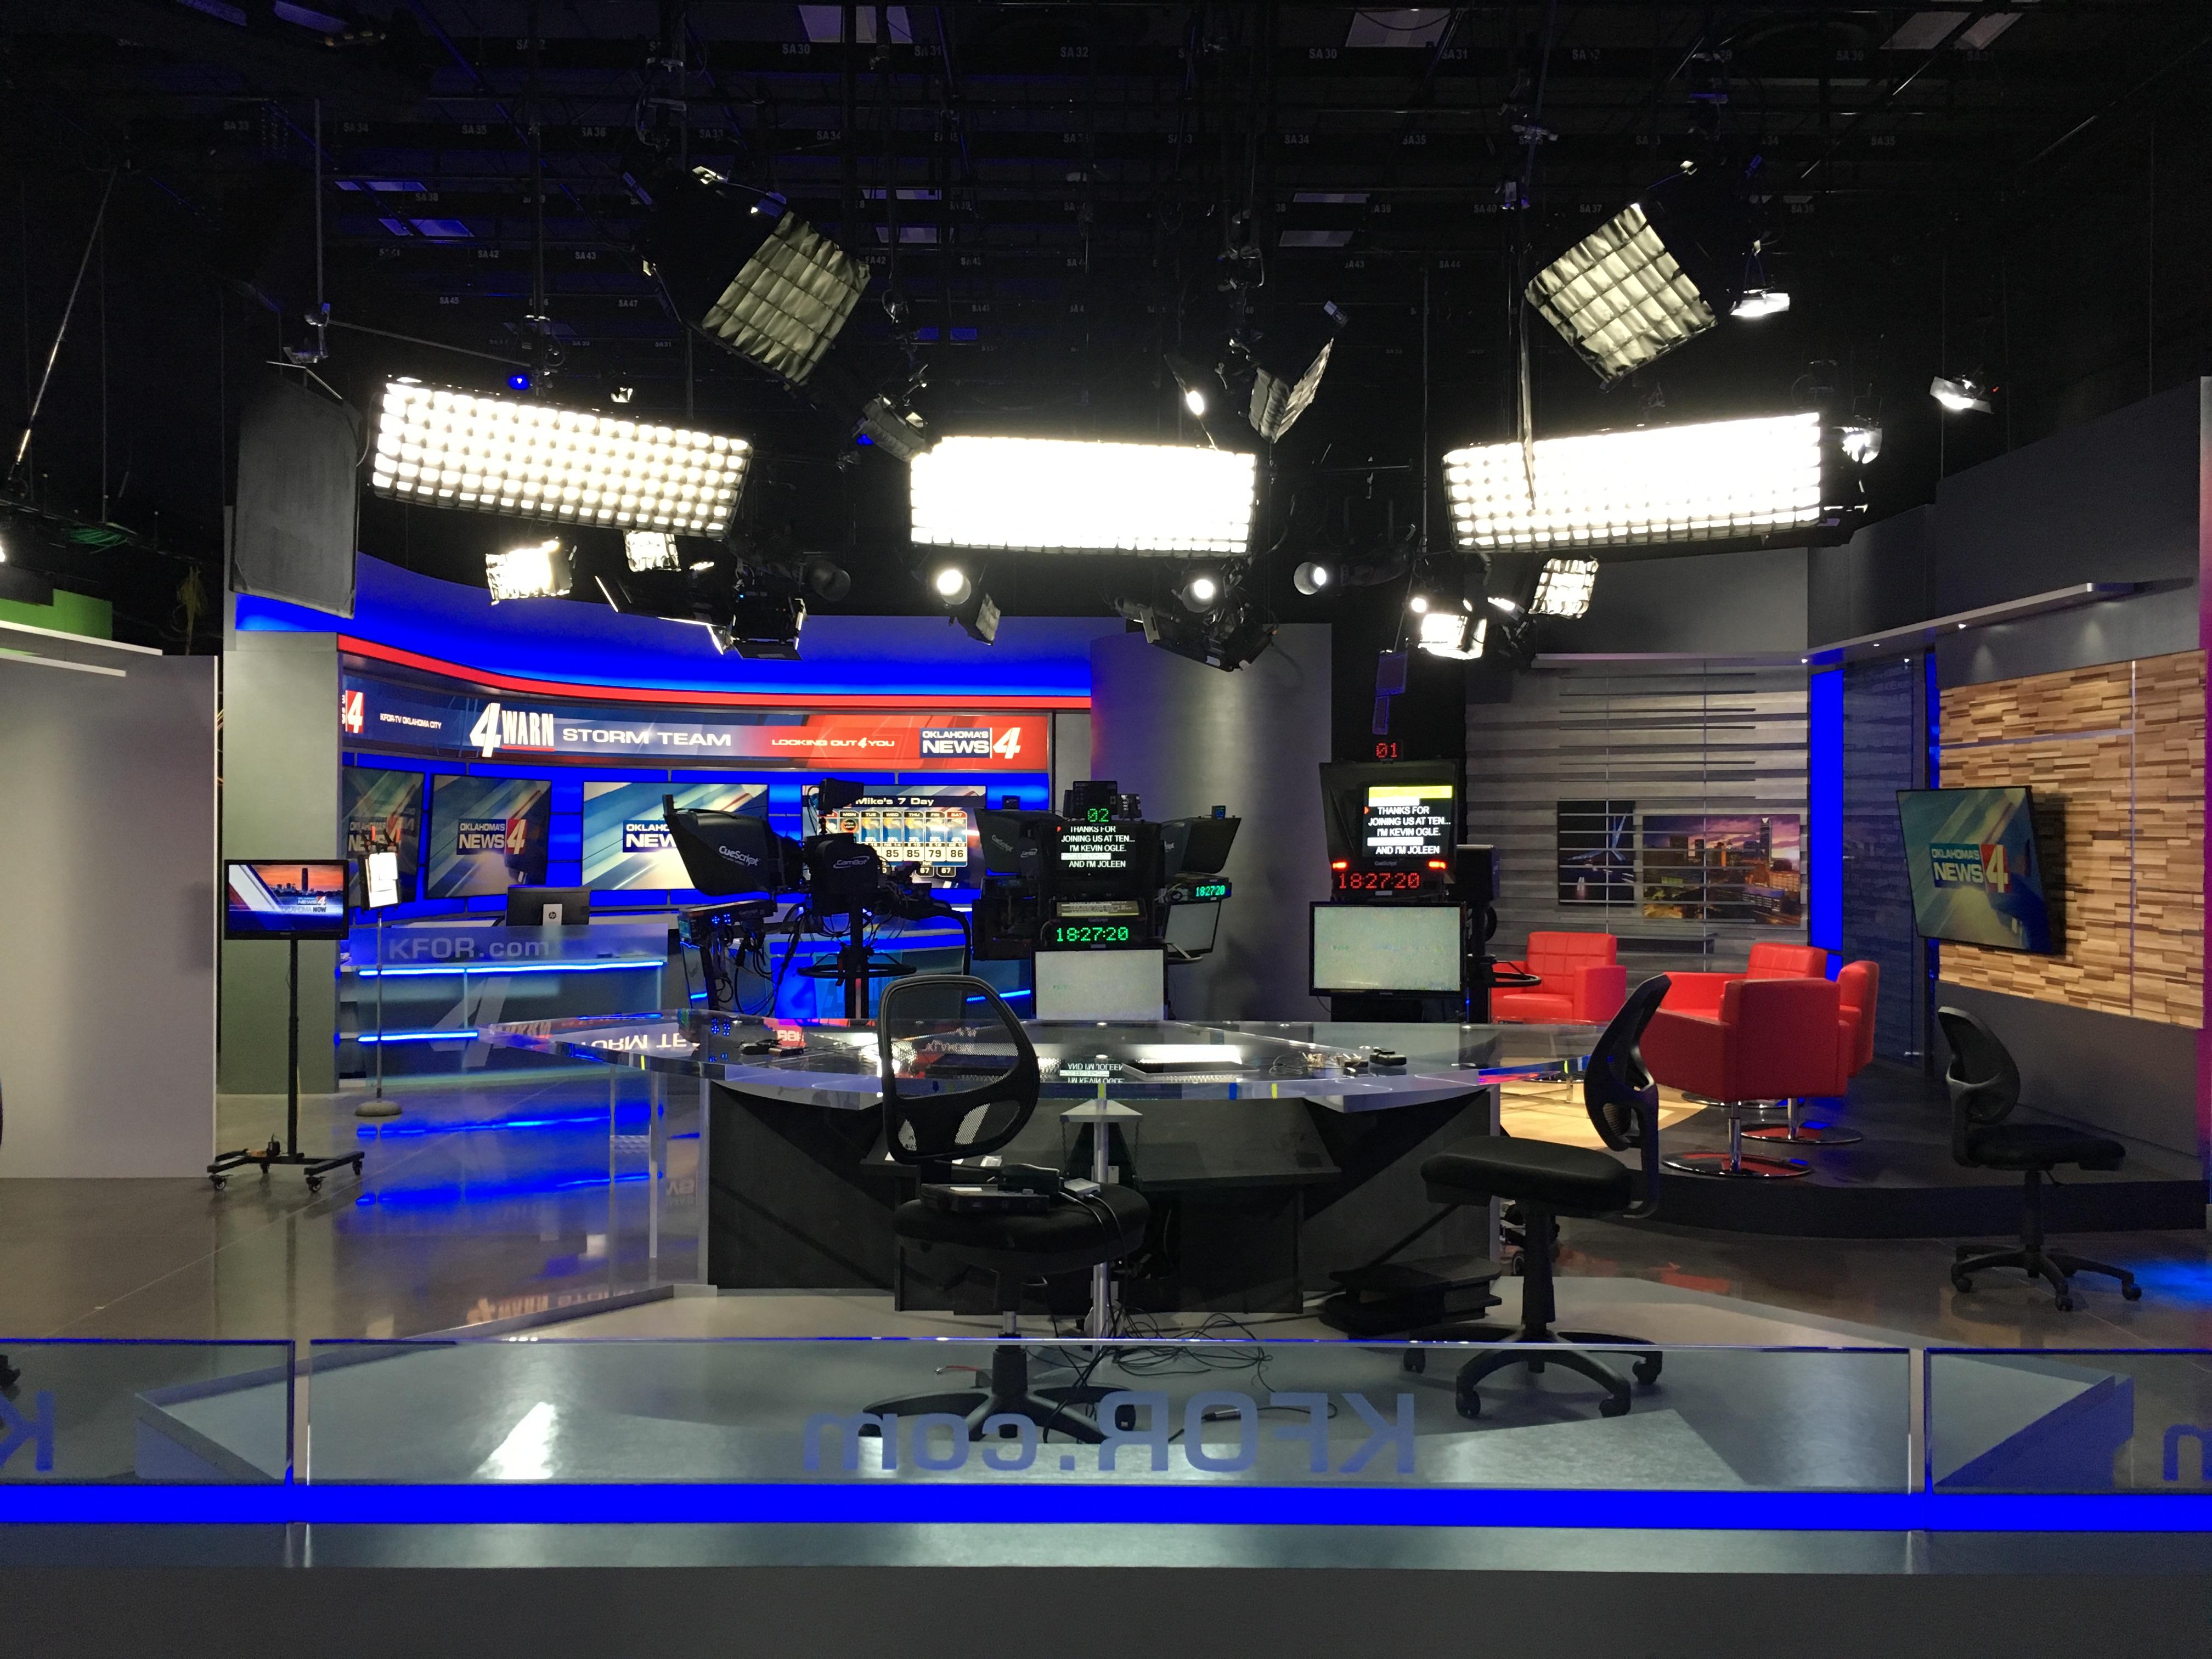 ncs_kfor-oklahoma-news-4-studio_0018